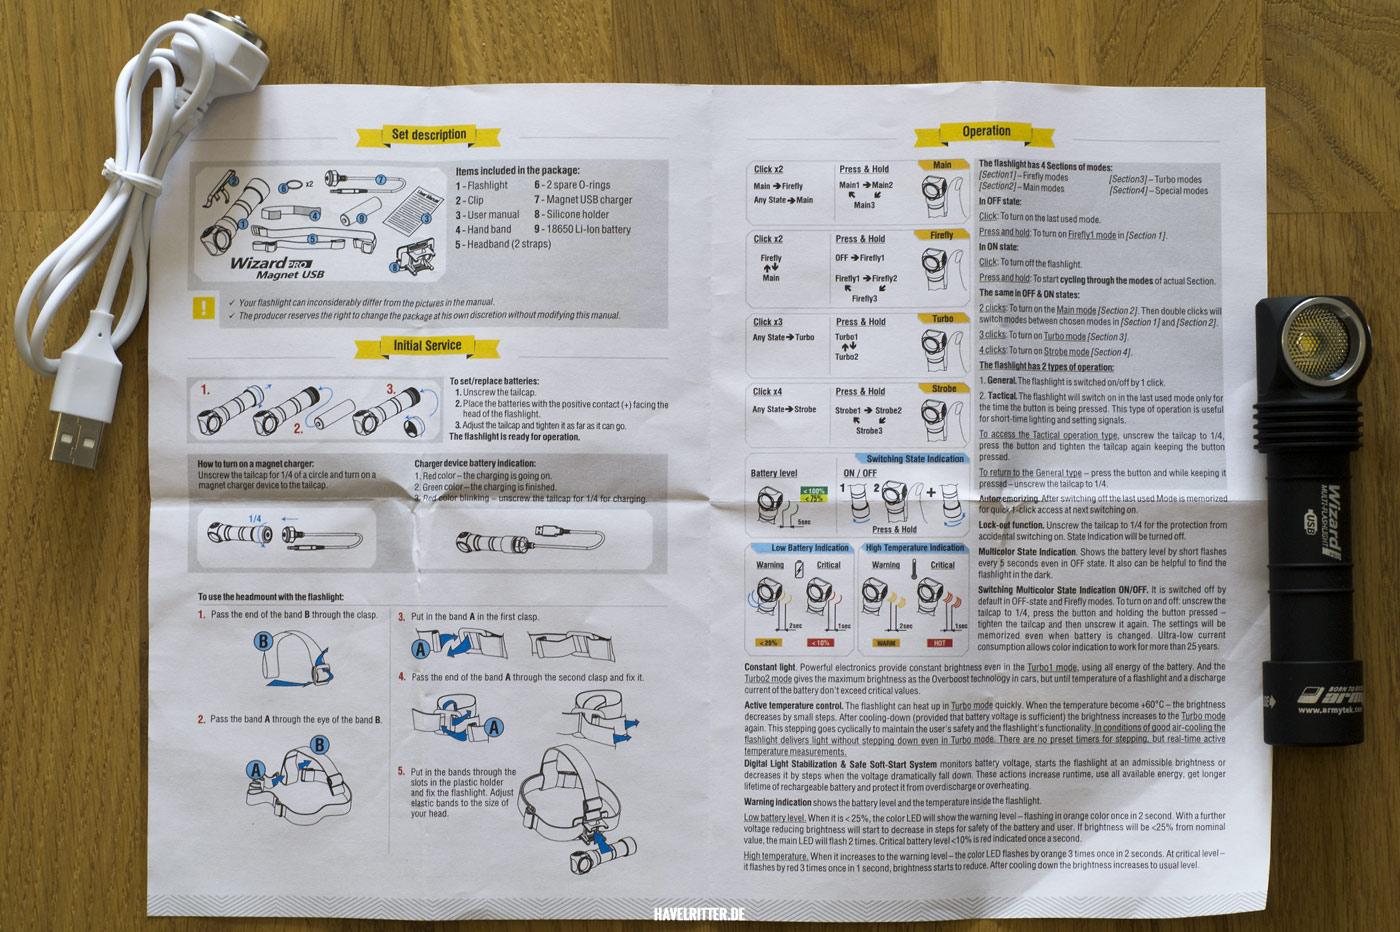 Armytek Wizard Pro Magnet USB - Bedienungsanleitung Seite 2